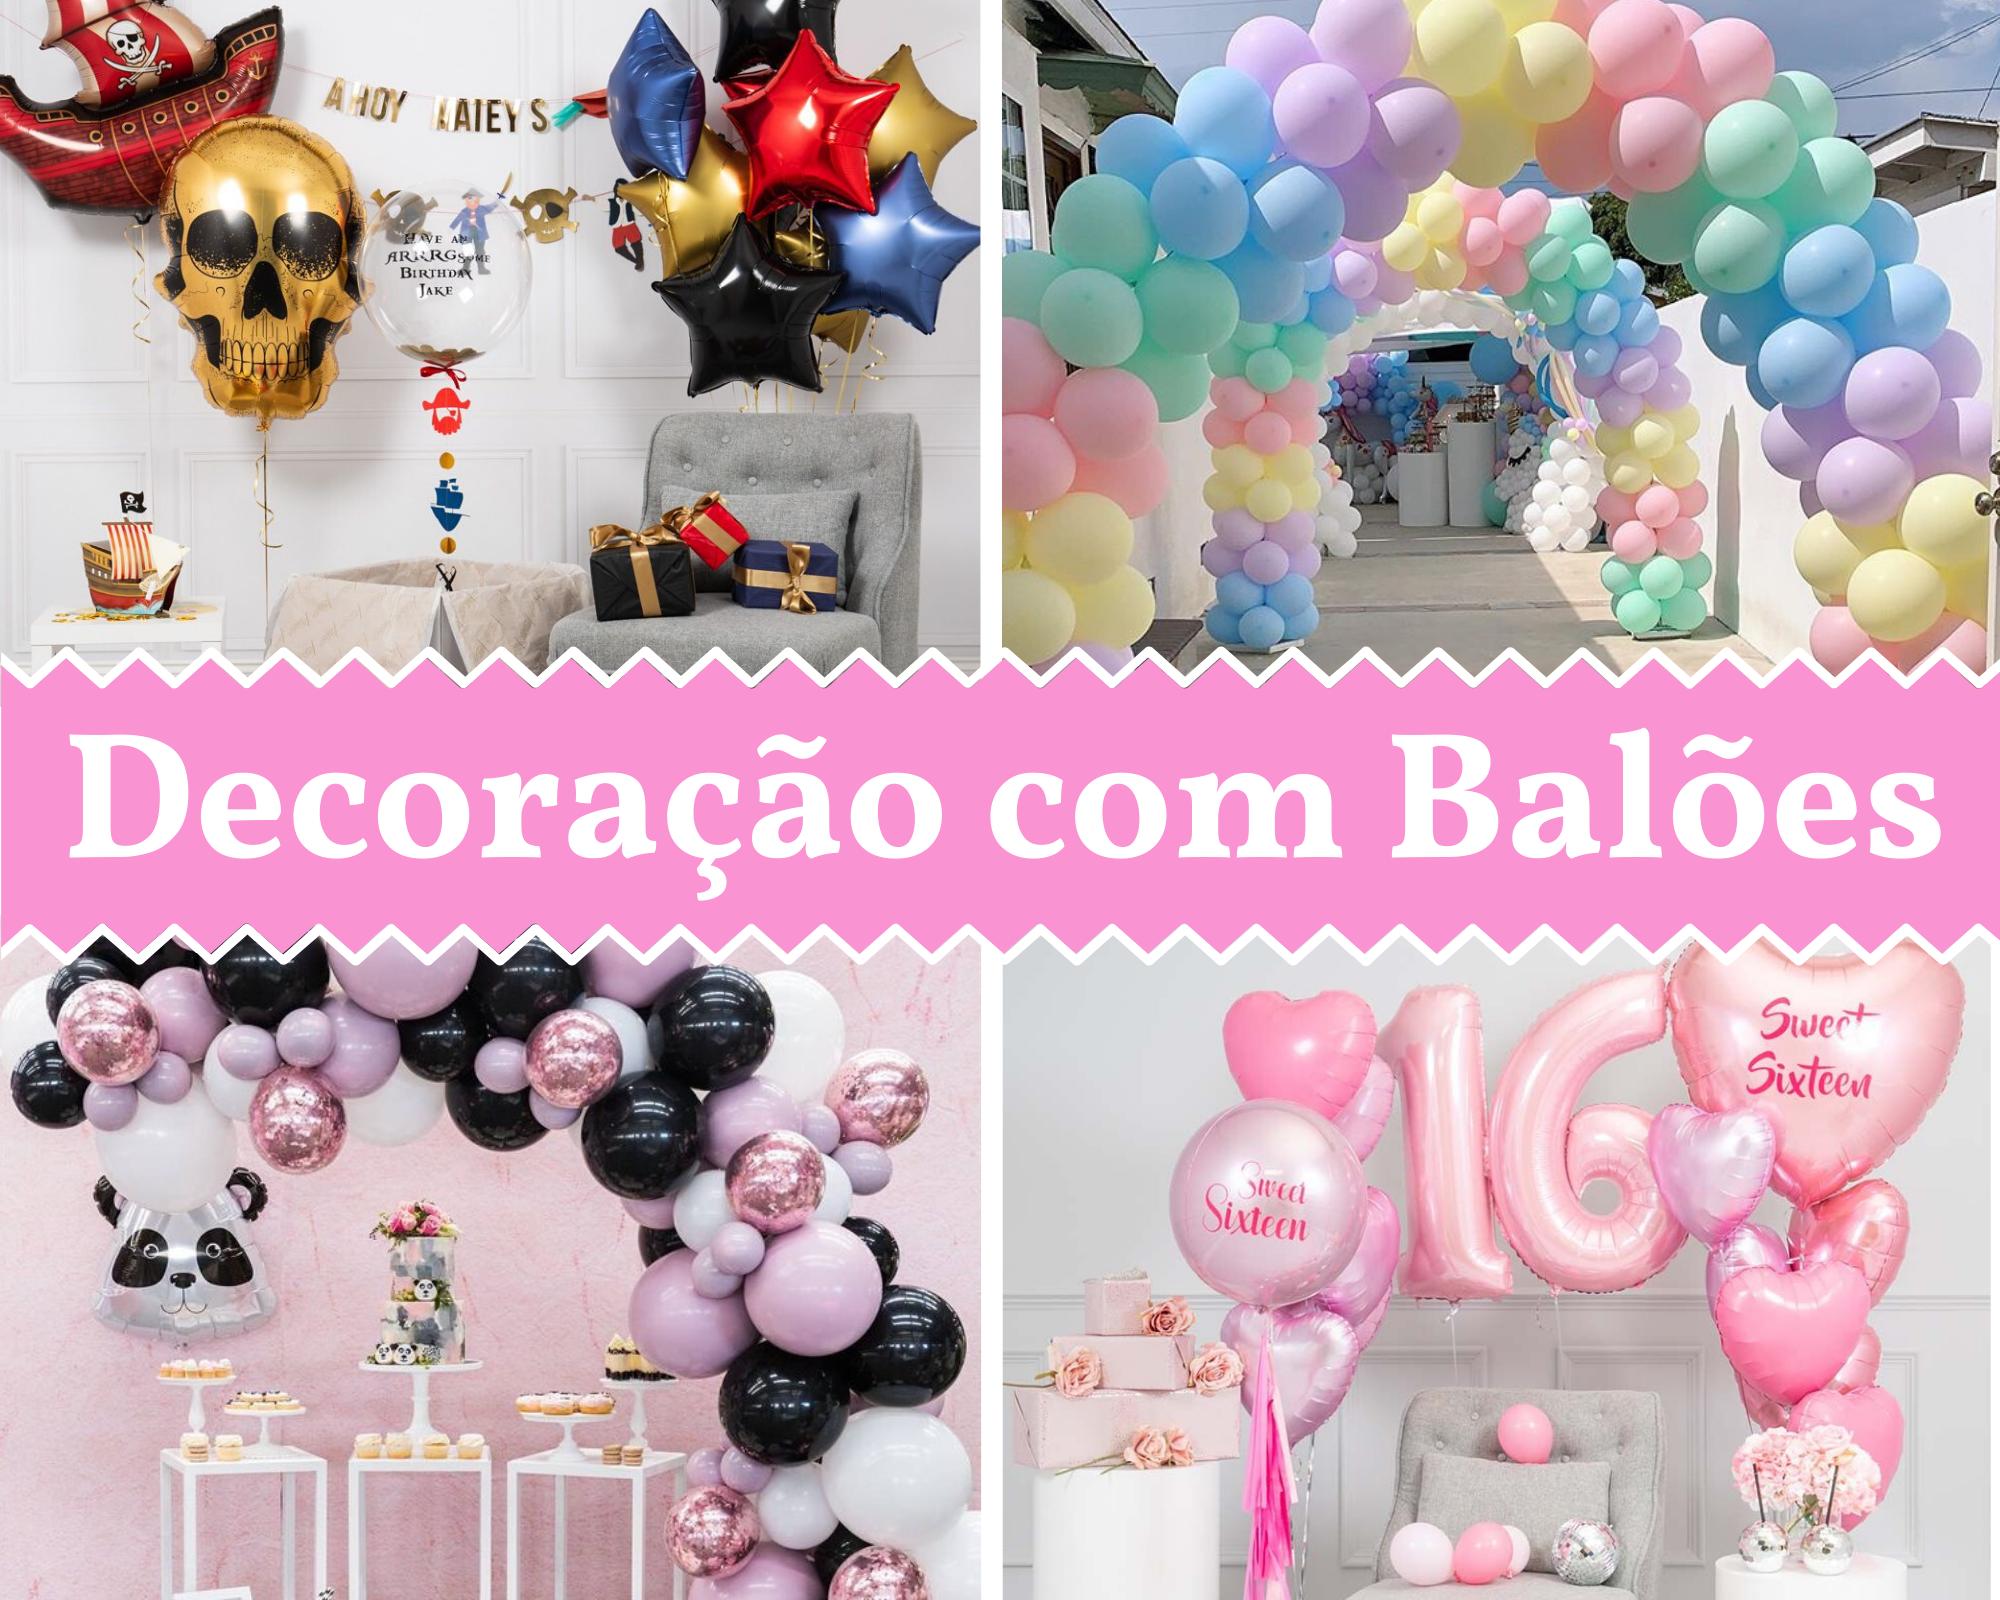 Decoração Balões FrontPage 2